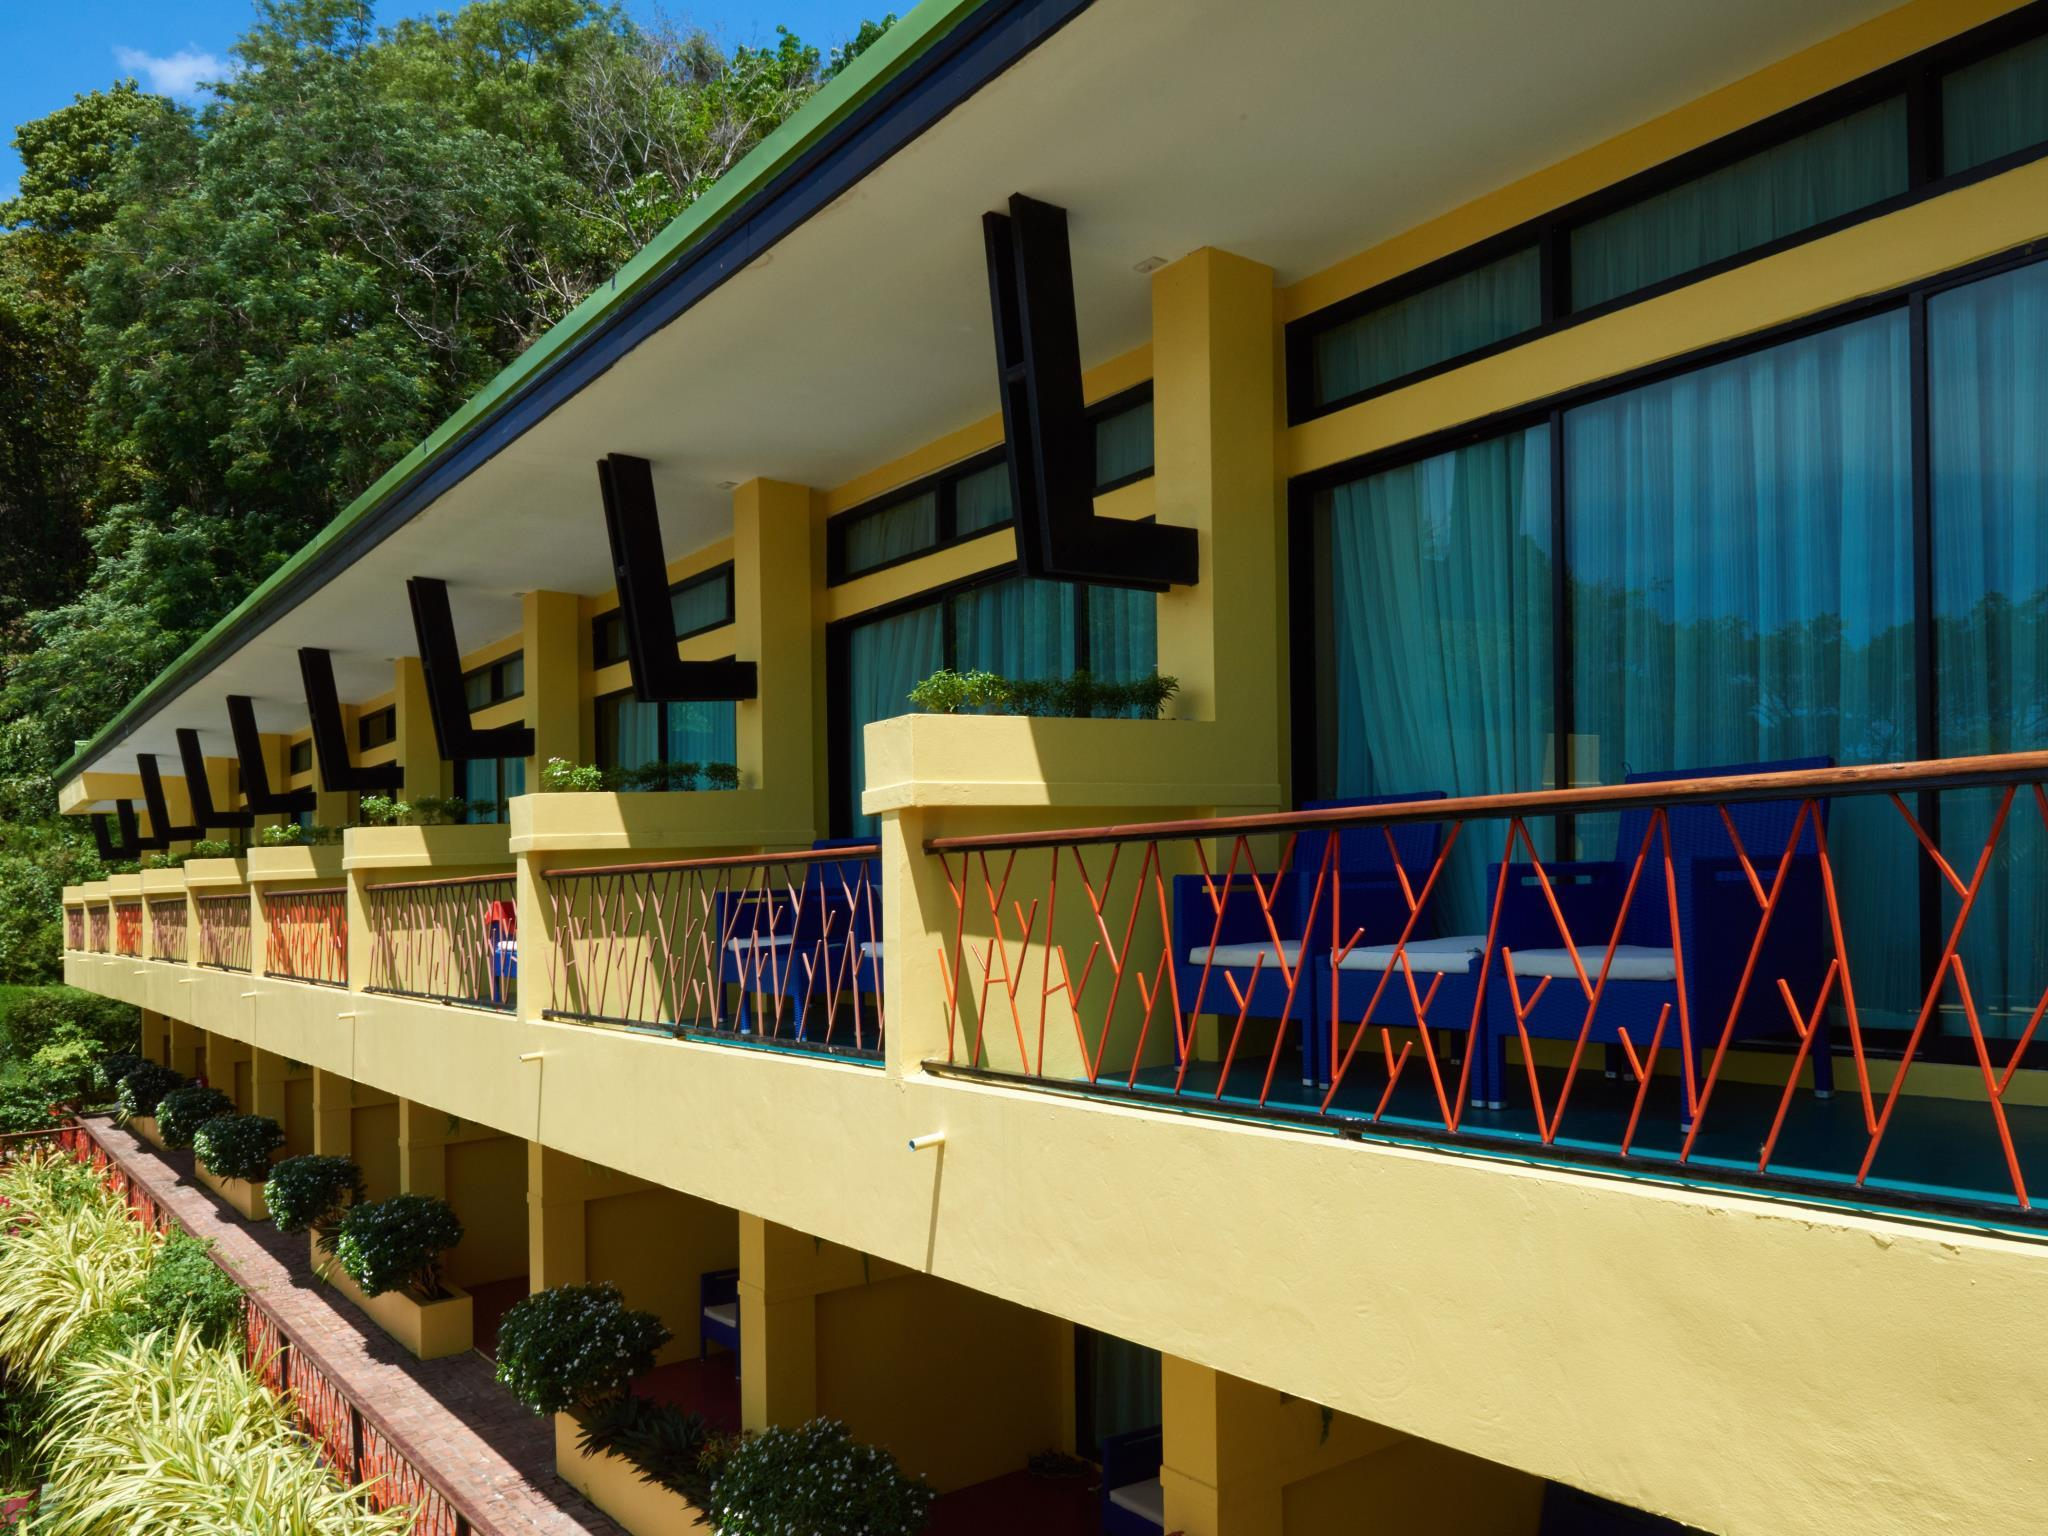 โรงแรมซีซีส์ ไฮด์อะเวย์